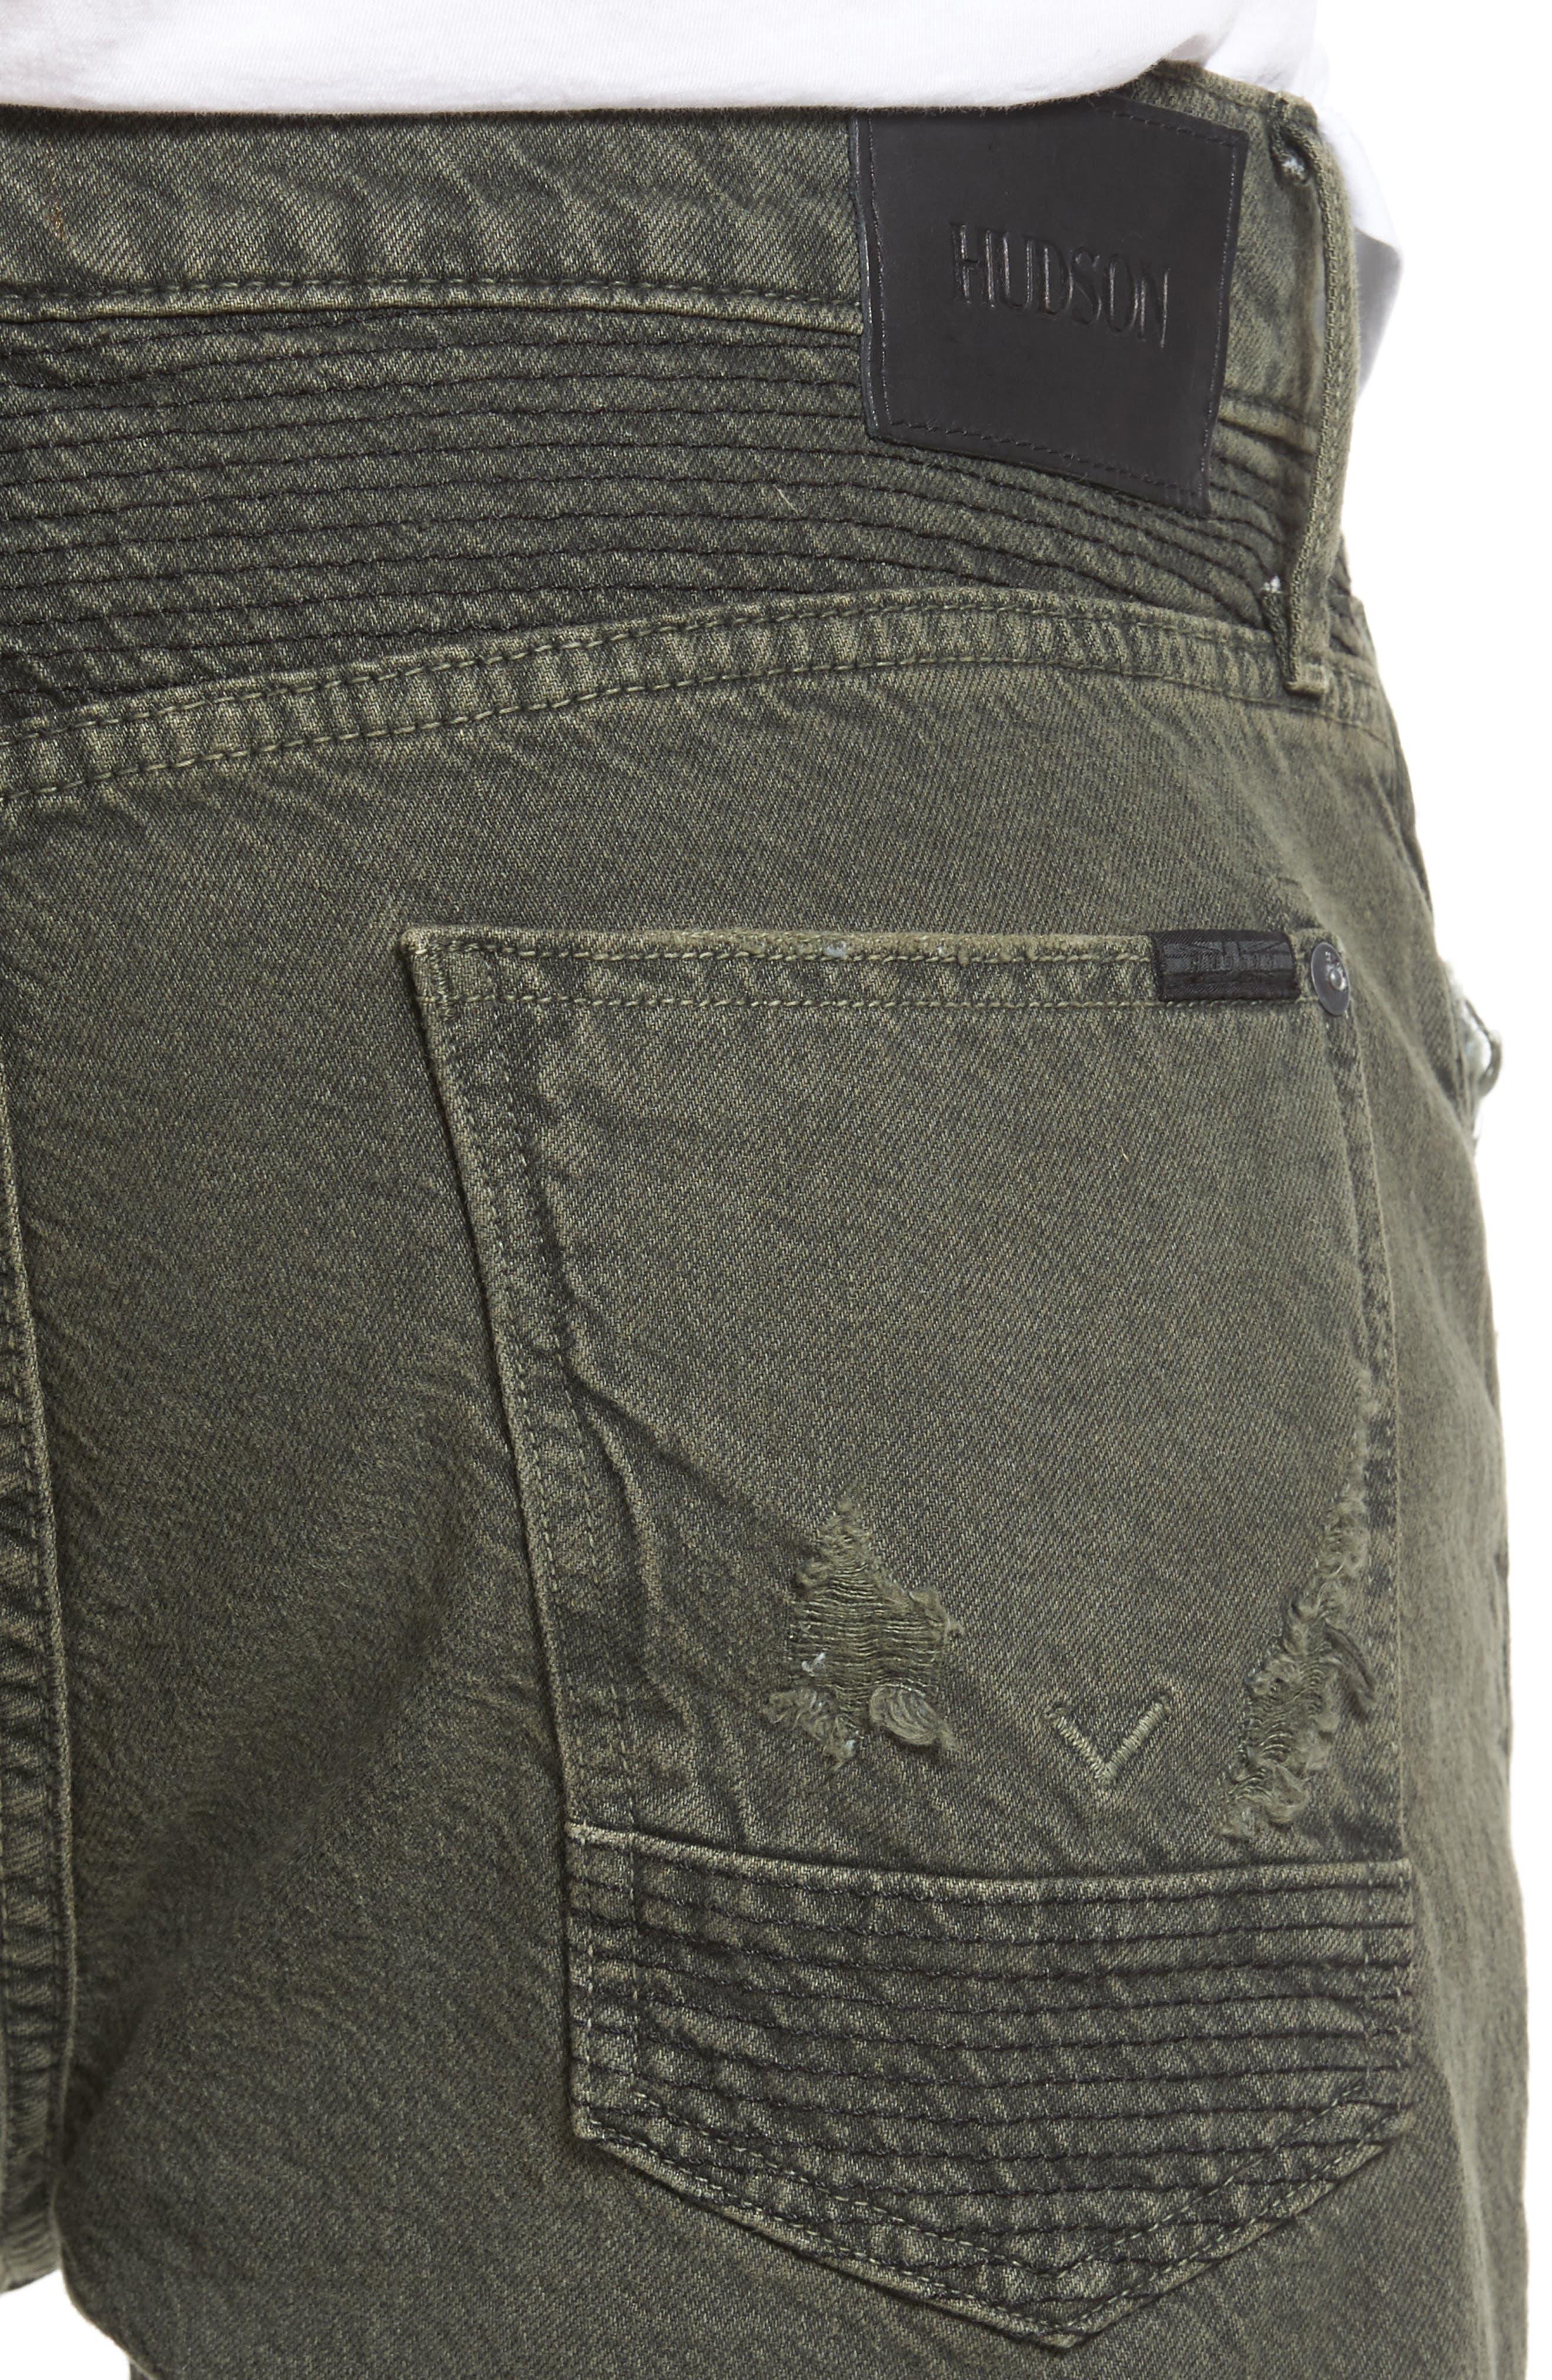 Blinder Biker Skinny Fit Jeans,                             Alternate thumbnail 4, color,                             300